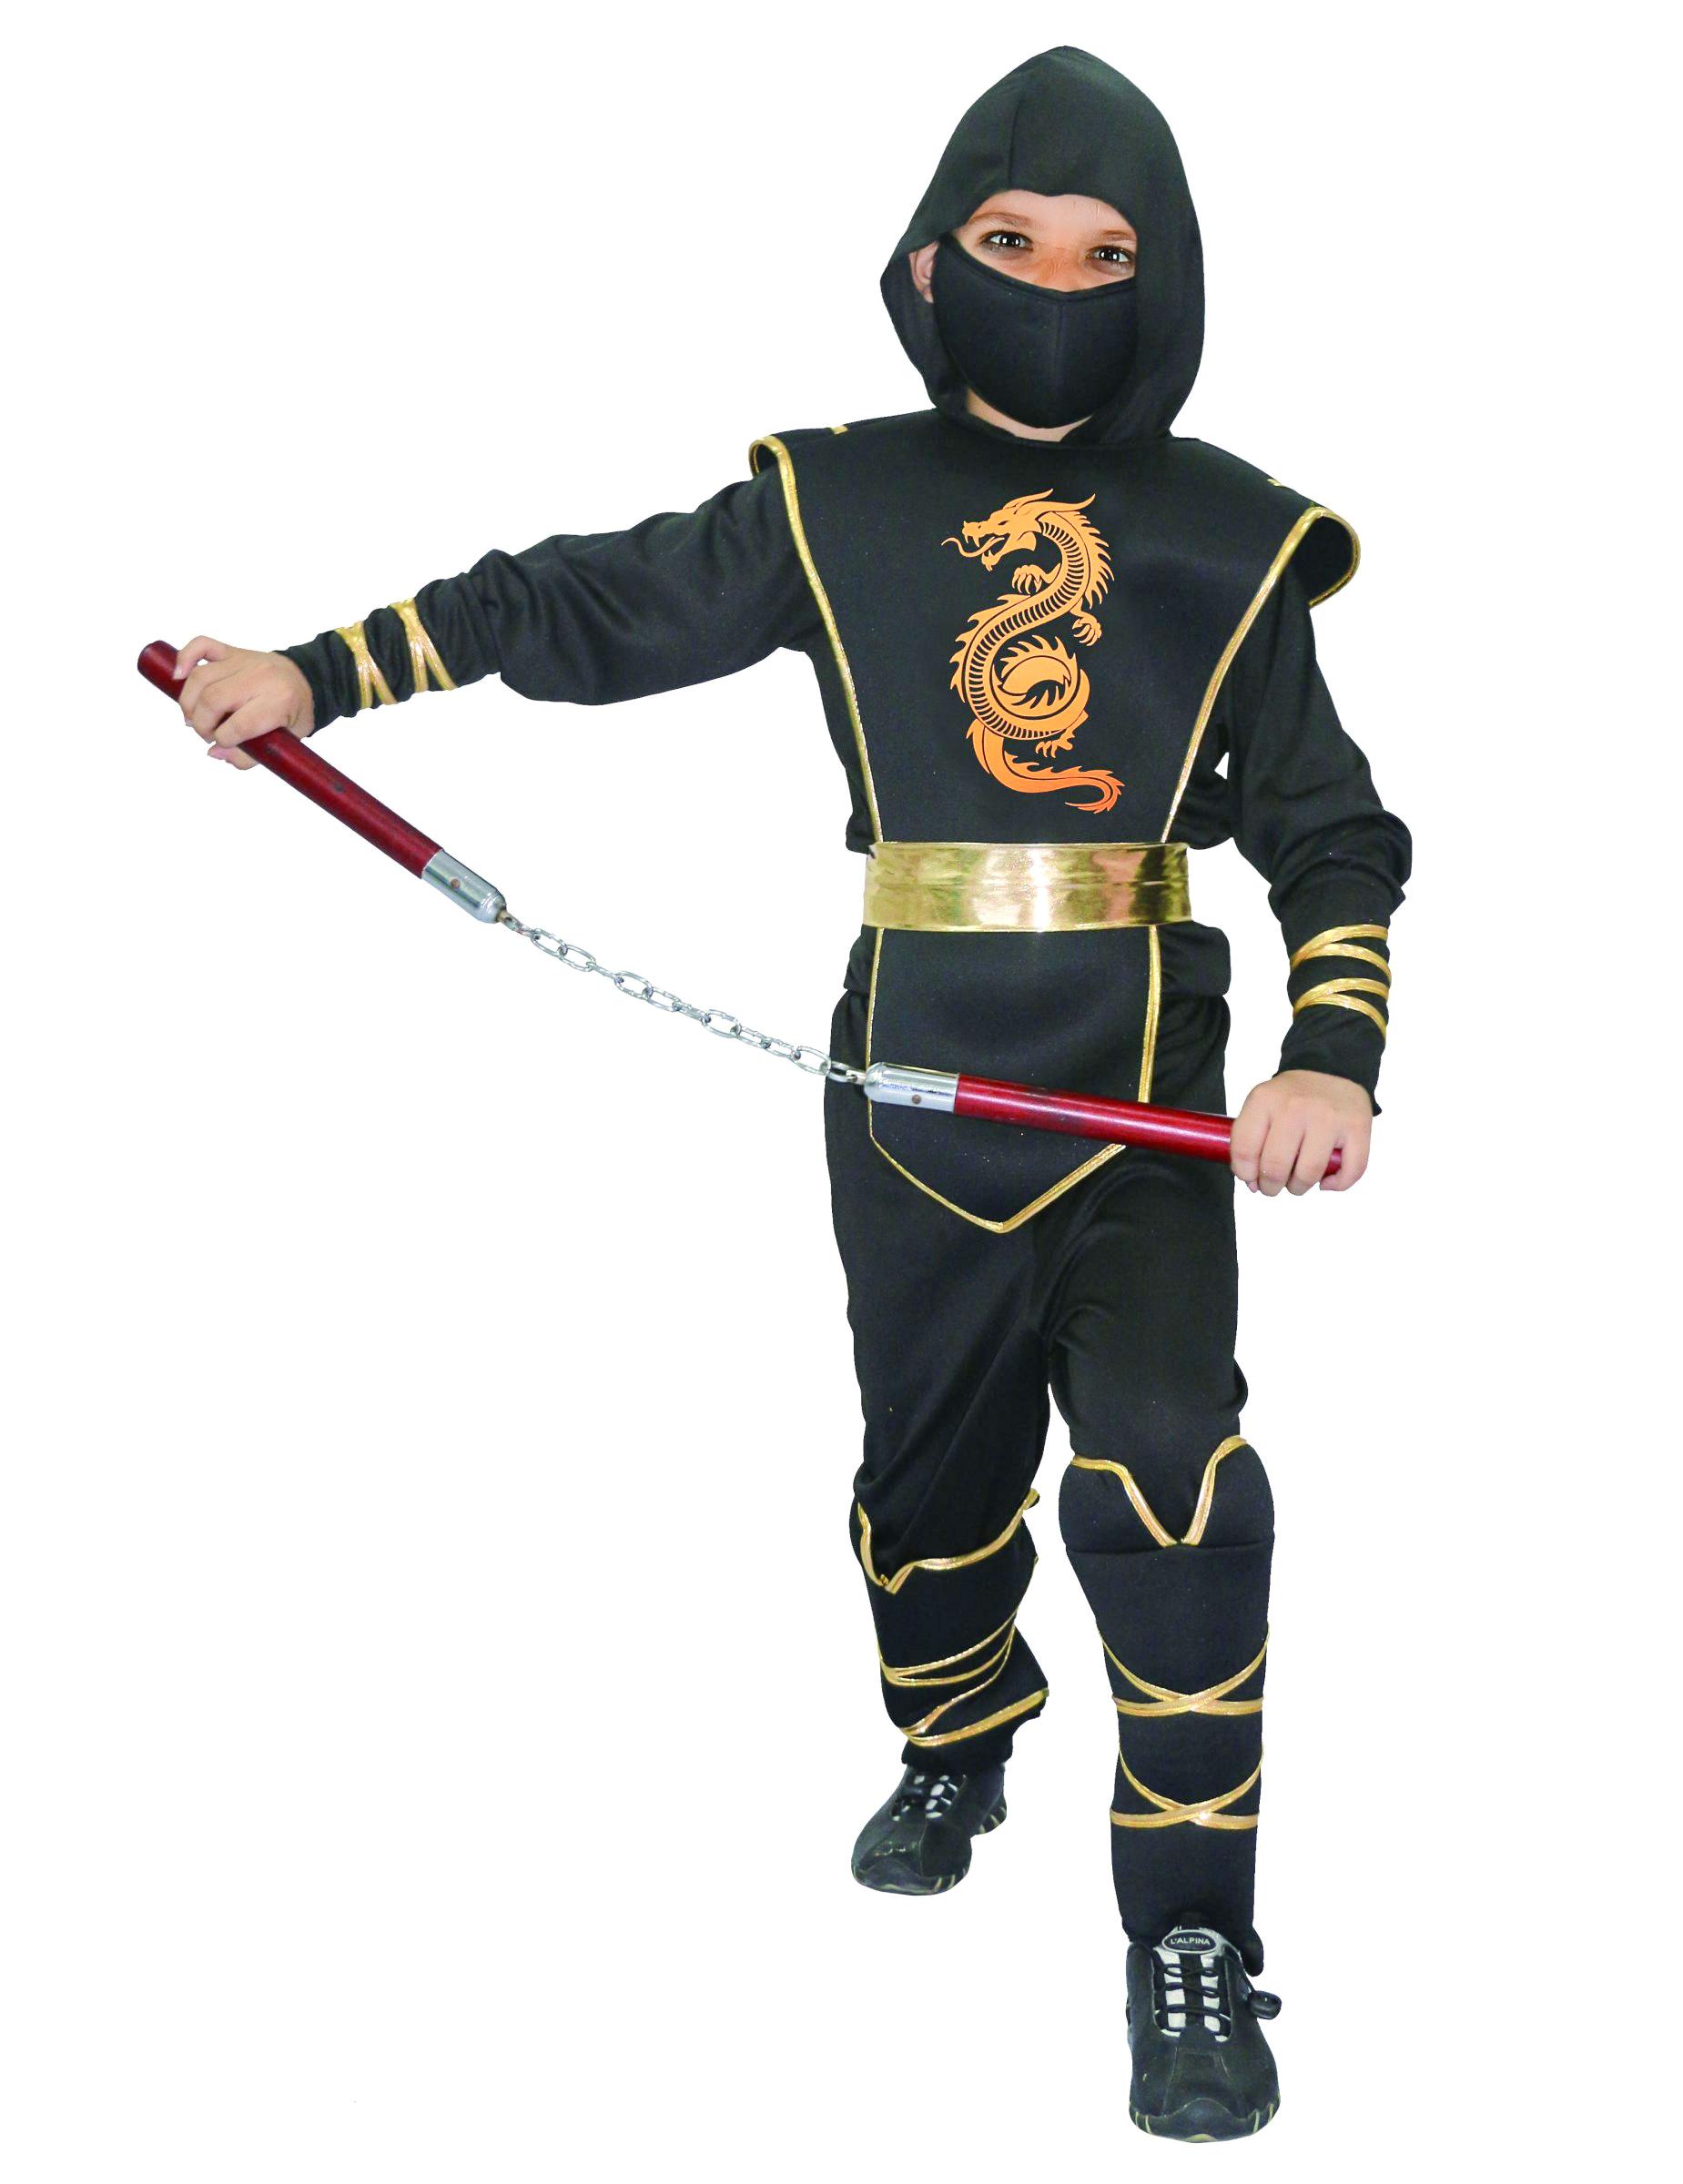 heldenhaftes ninja krieger kost m f r kinder schwarz gold kost me f r kinder und g nstige. Black Bedroom Furniture Sets. Home Design Ideas